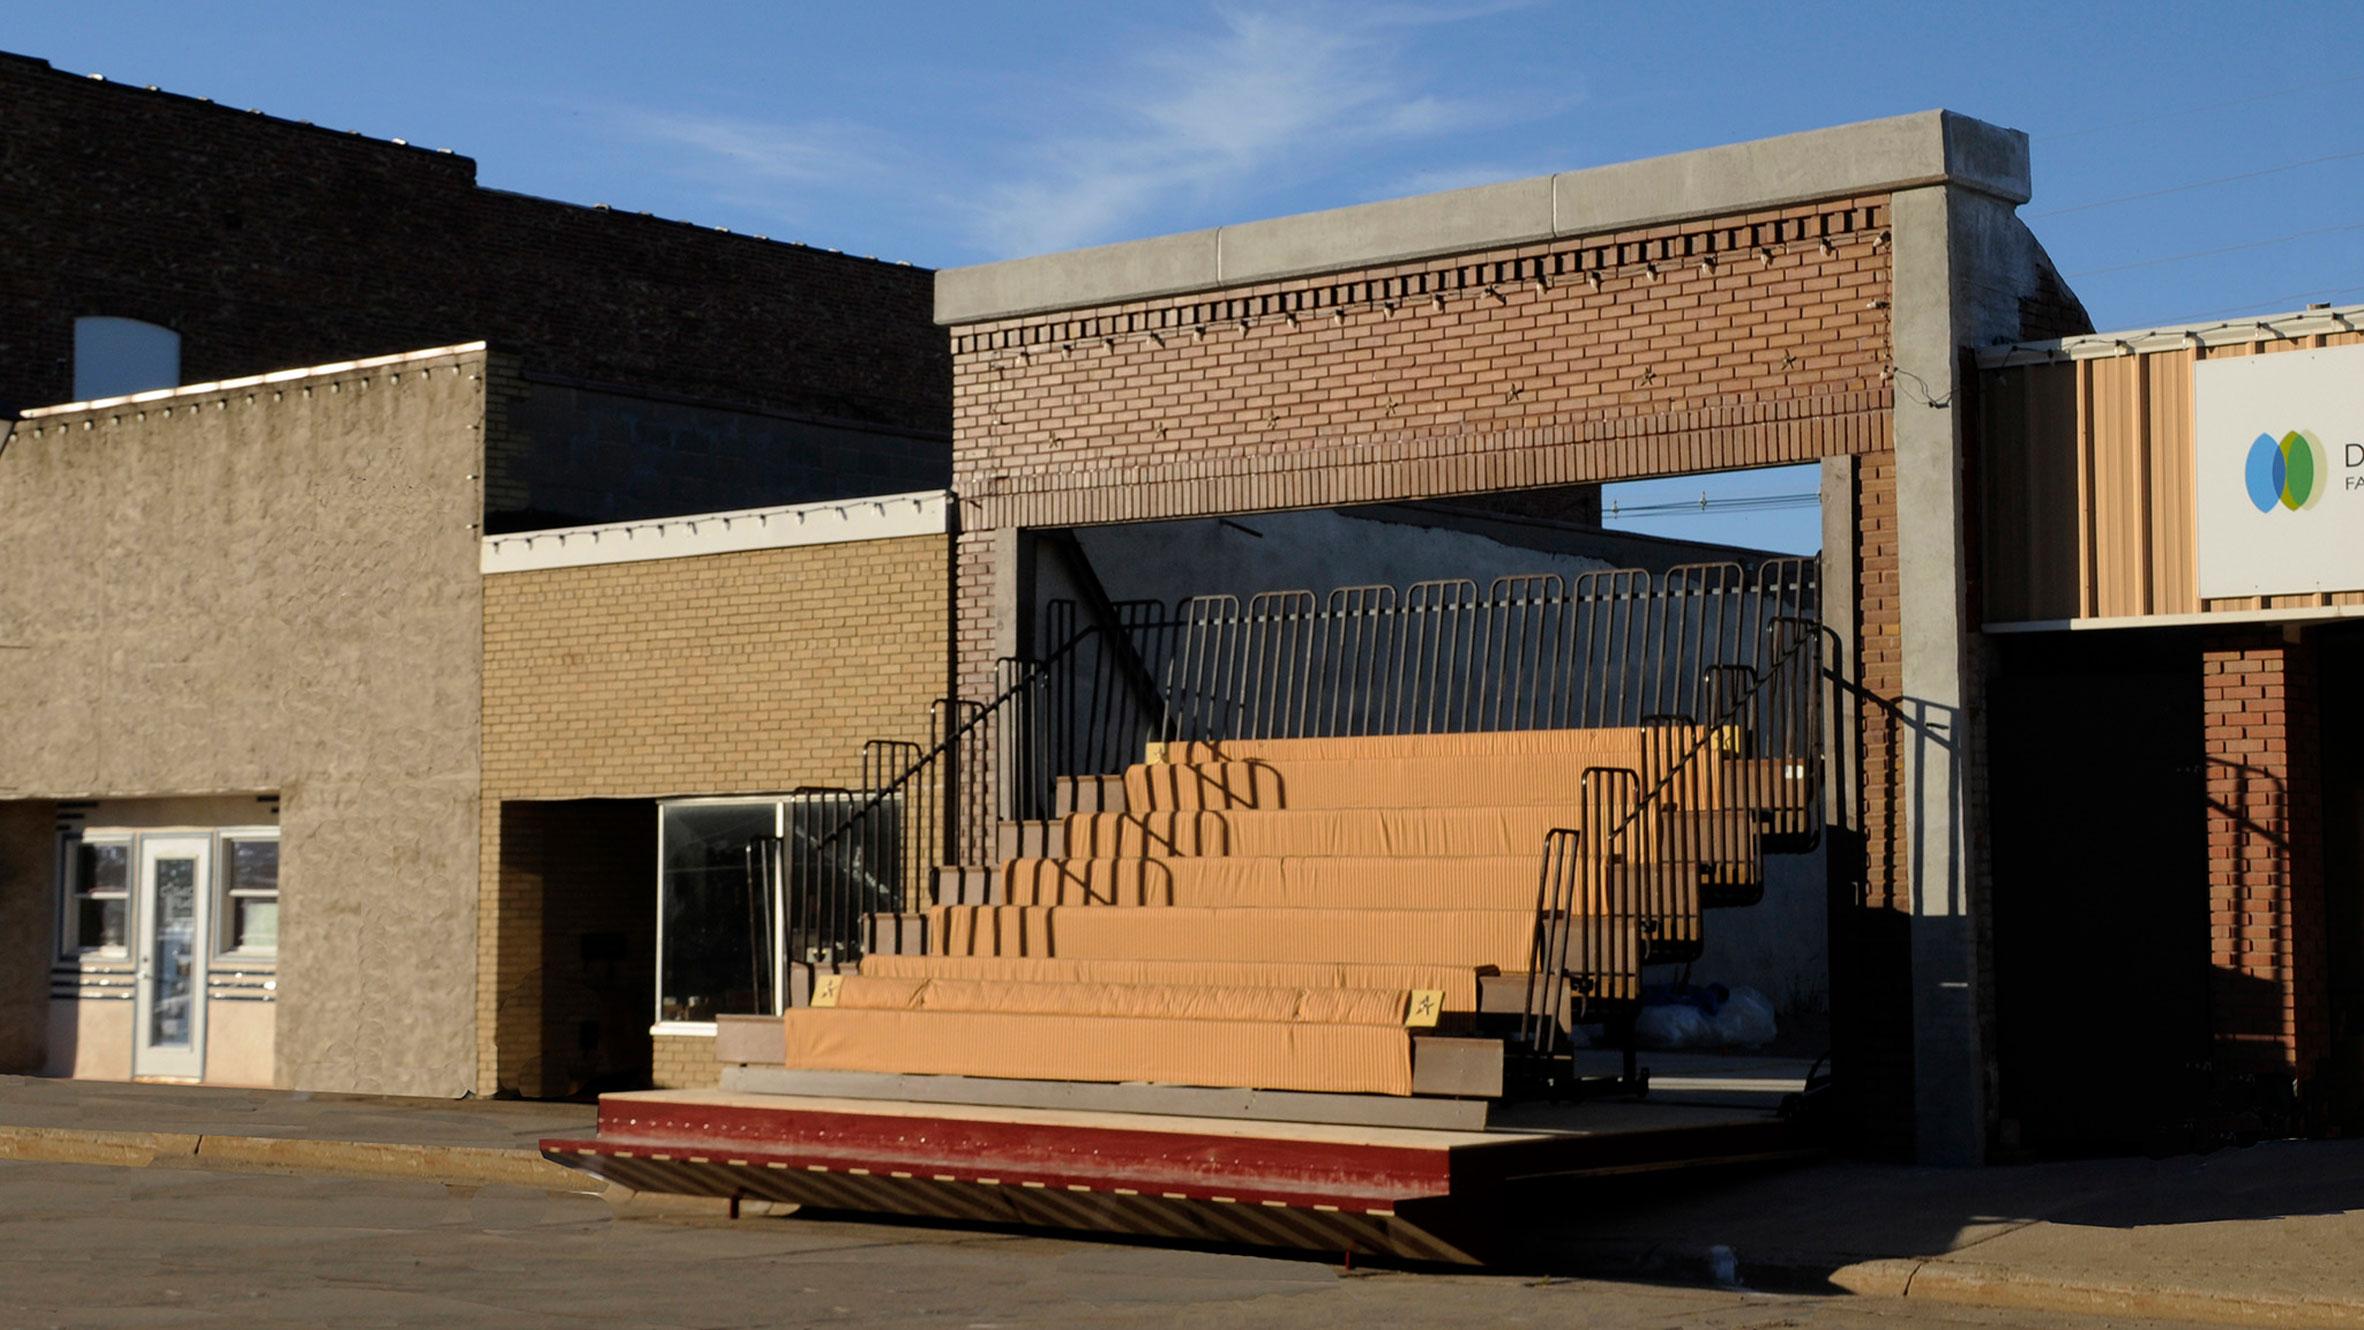 The Storefront Theater, Lyons, USA, by Matthew Mazzotta